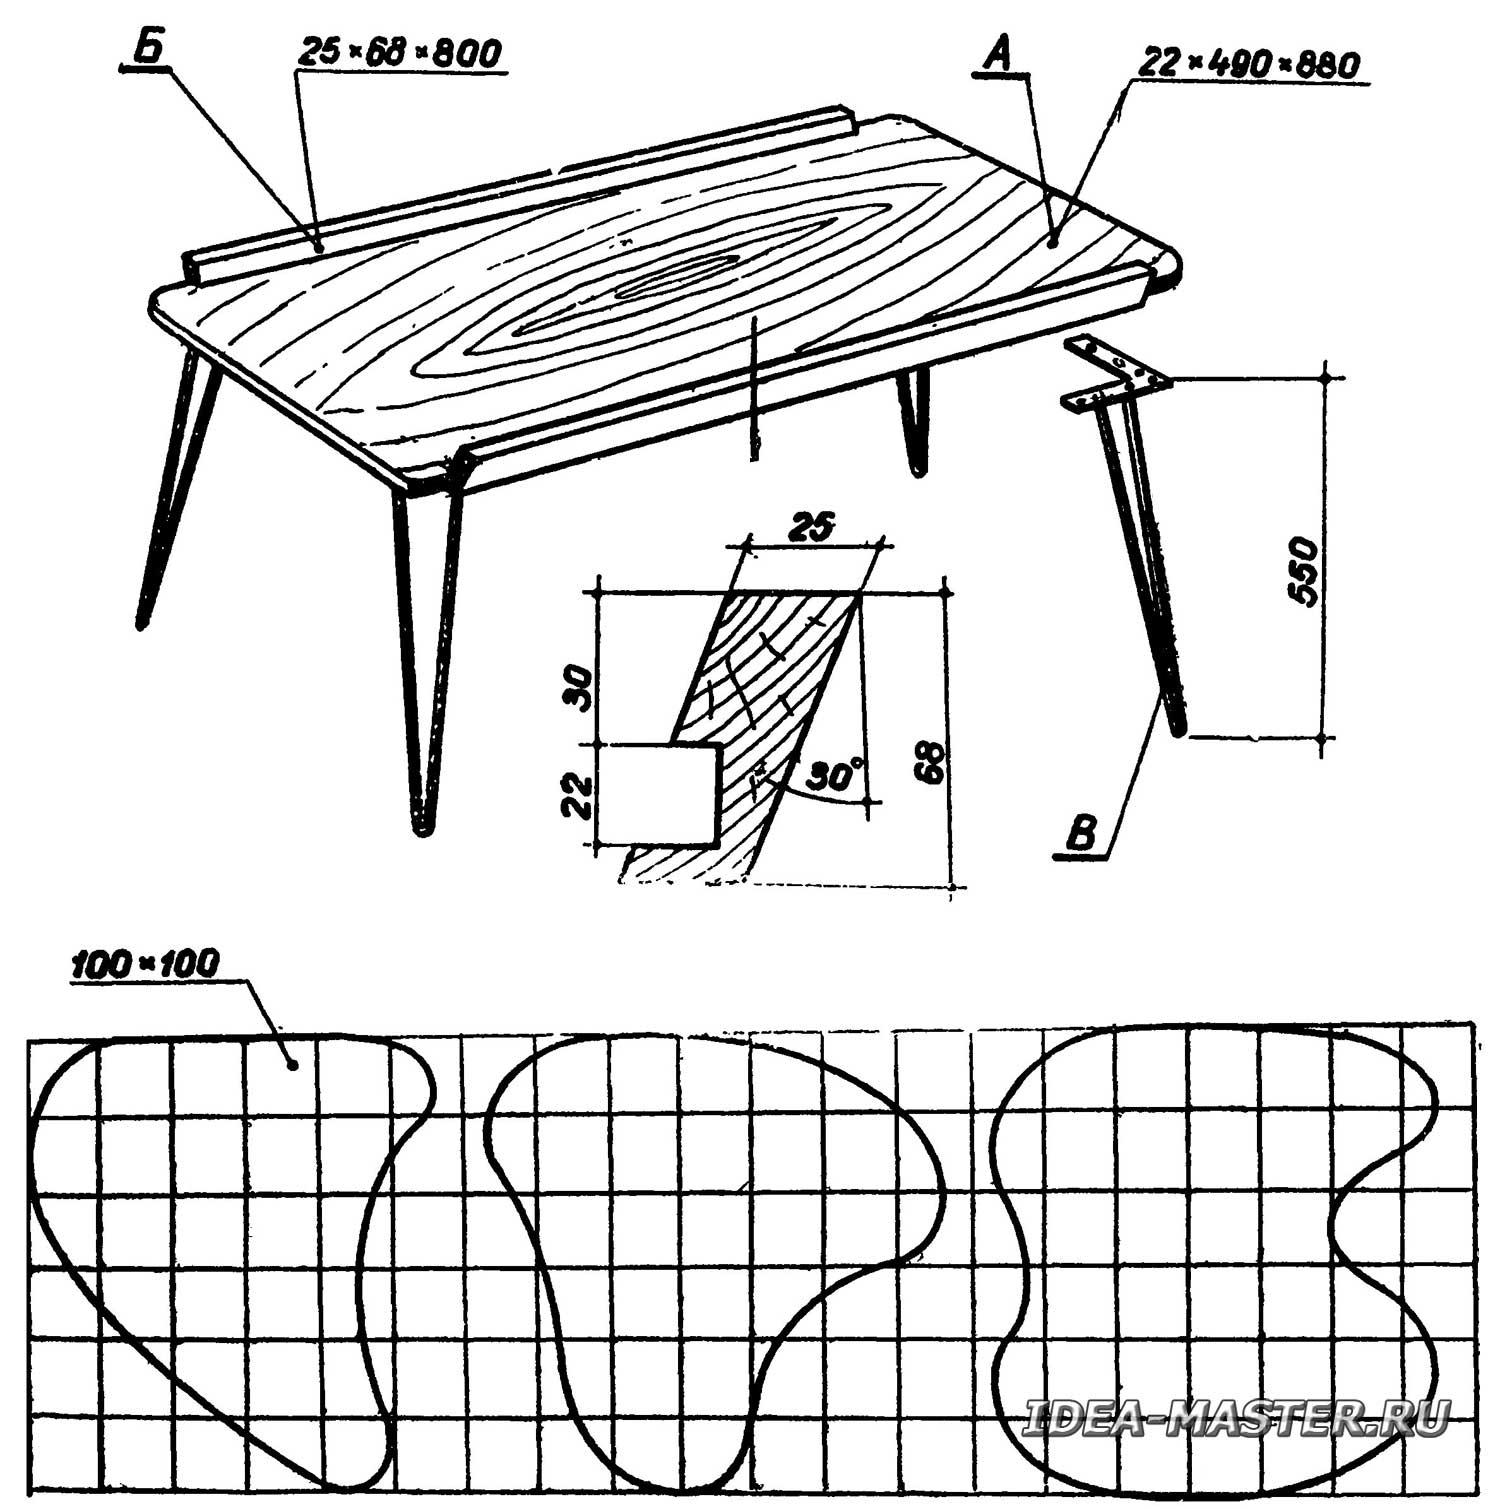 Складной стол своими руками 1000 фото, чертежи, инструкции 11